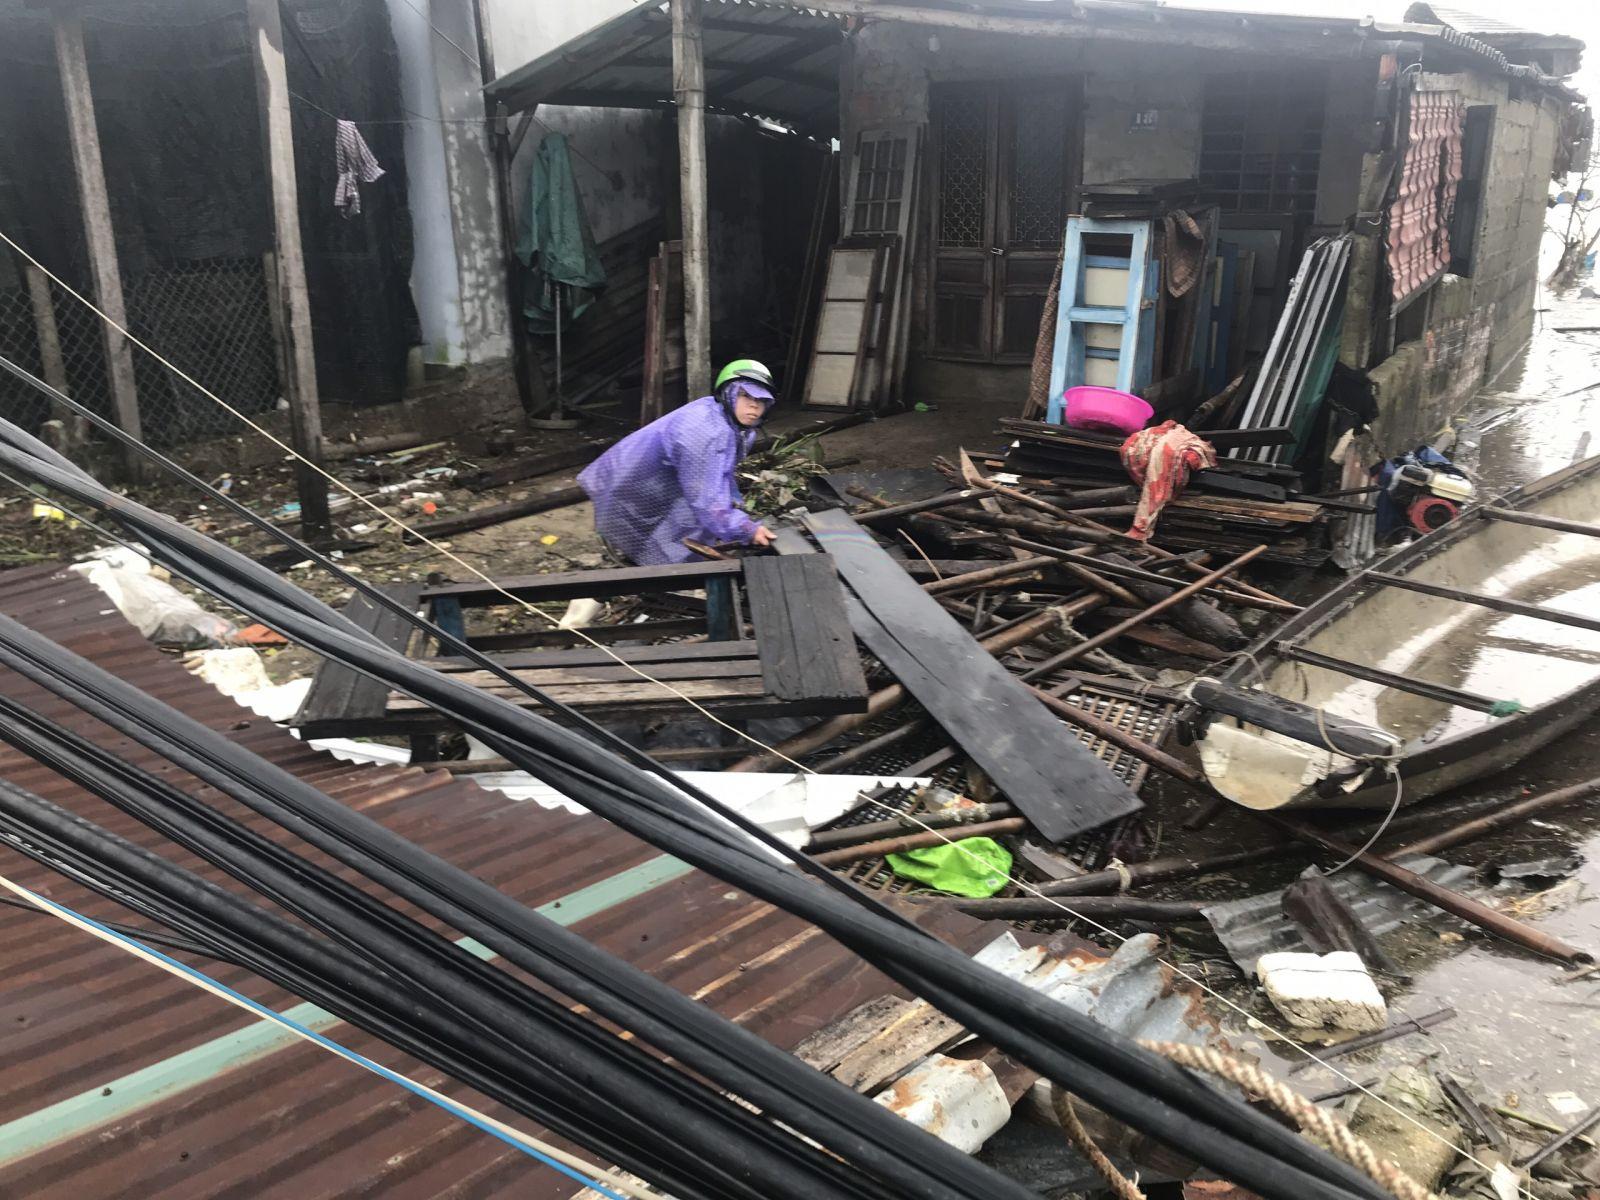 Bão số 13 đang gây thiệt hại nặng nề ở Thừa Thiên Huế - Ảnh:Internet